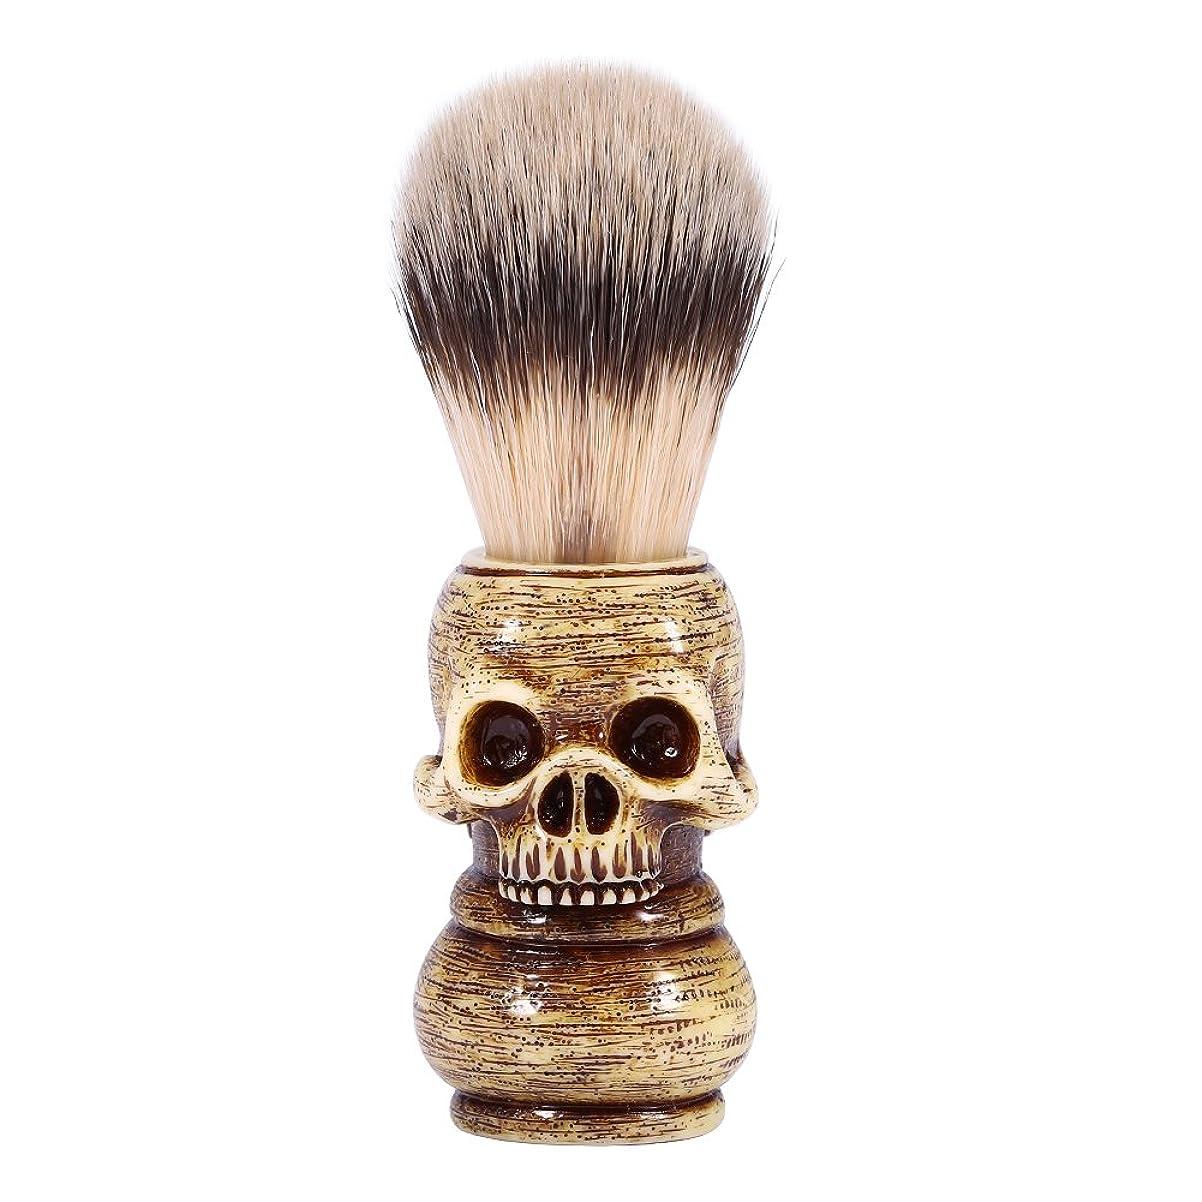 意味コイン多用途シェービングブラシ メンズ グルーミングツール メイクアップ サロン ビアードシェービングブラシ ひげ 洗顔 髭剃り 男性 ギフト理容